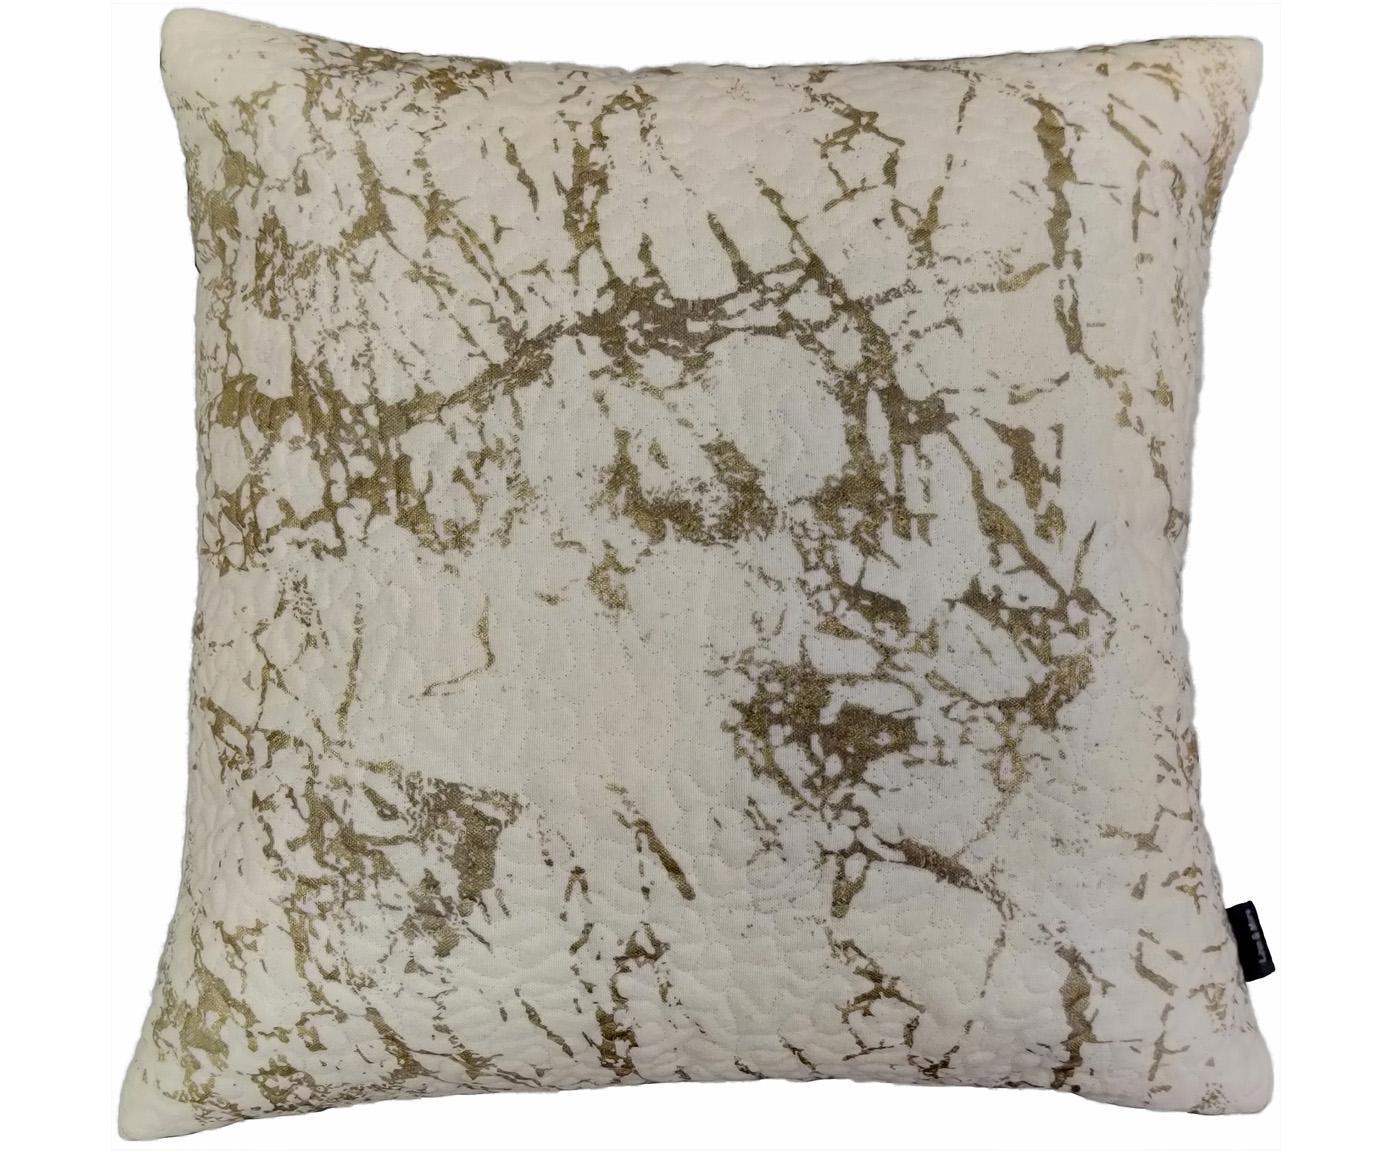 Cuscino con dettagli dorati e imbottitura Quilted, Rivestimento: 100% cotone, Bianco latteo, dorato, Larg. 45 x Lung. 45 cm